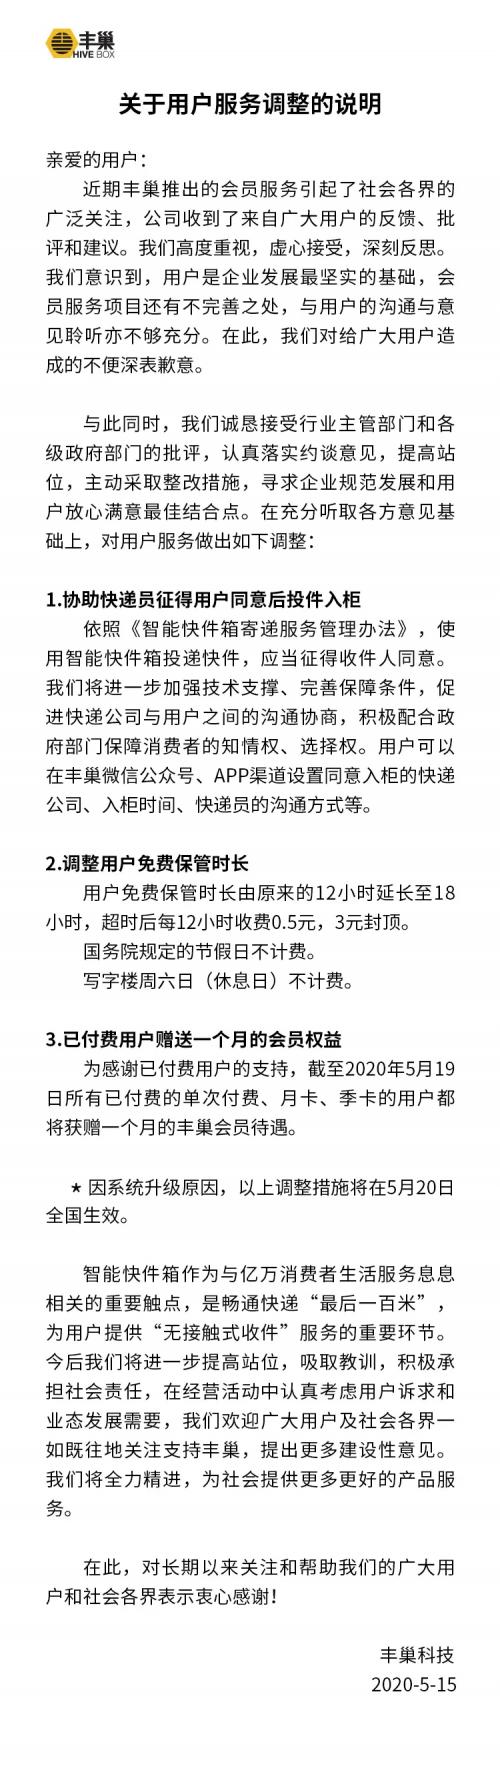 上海松江区华宝牌空调维修部